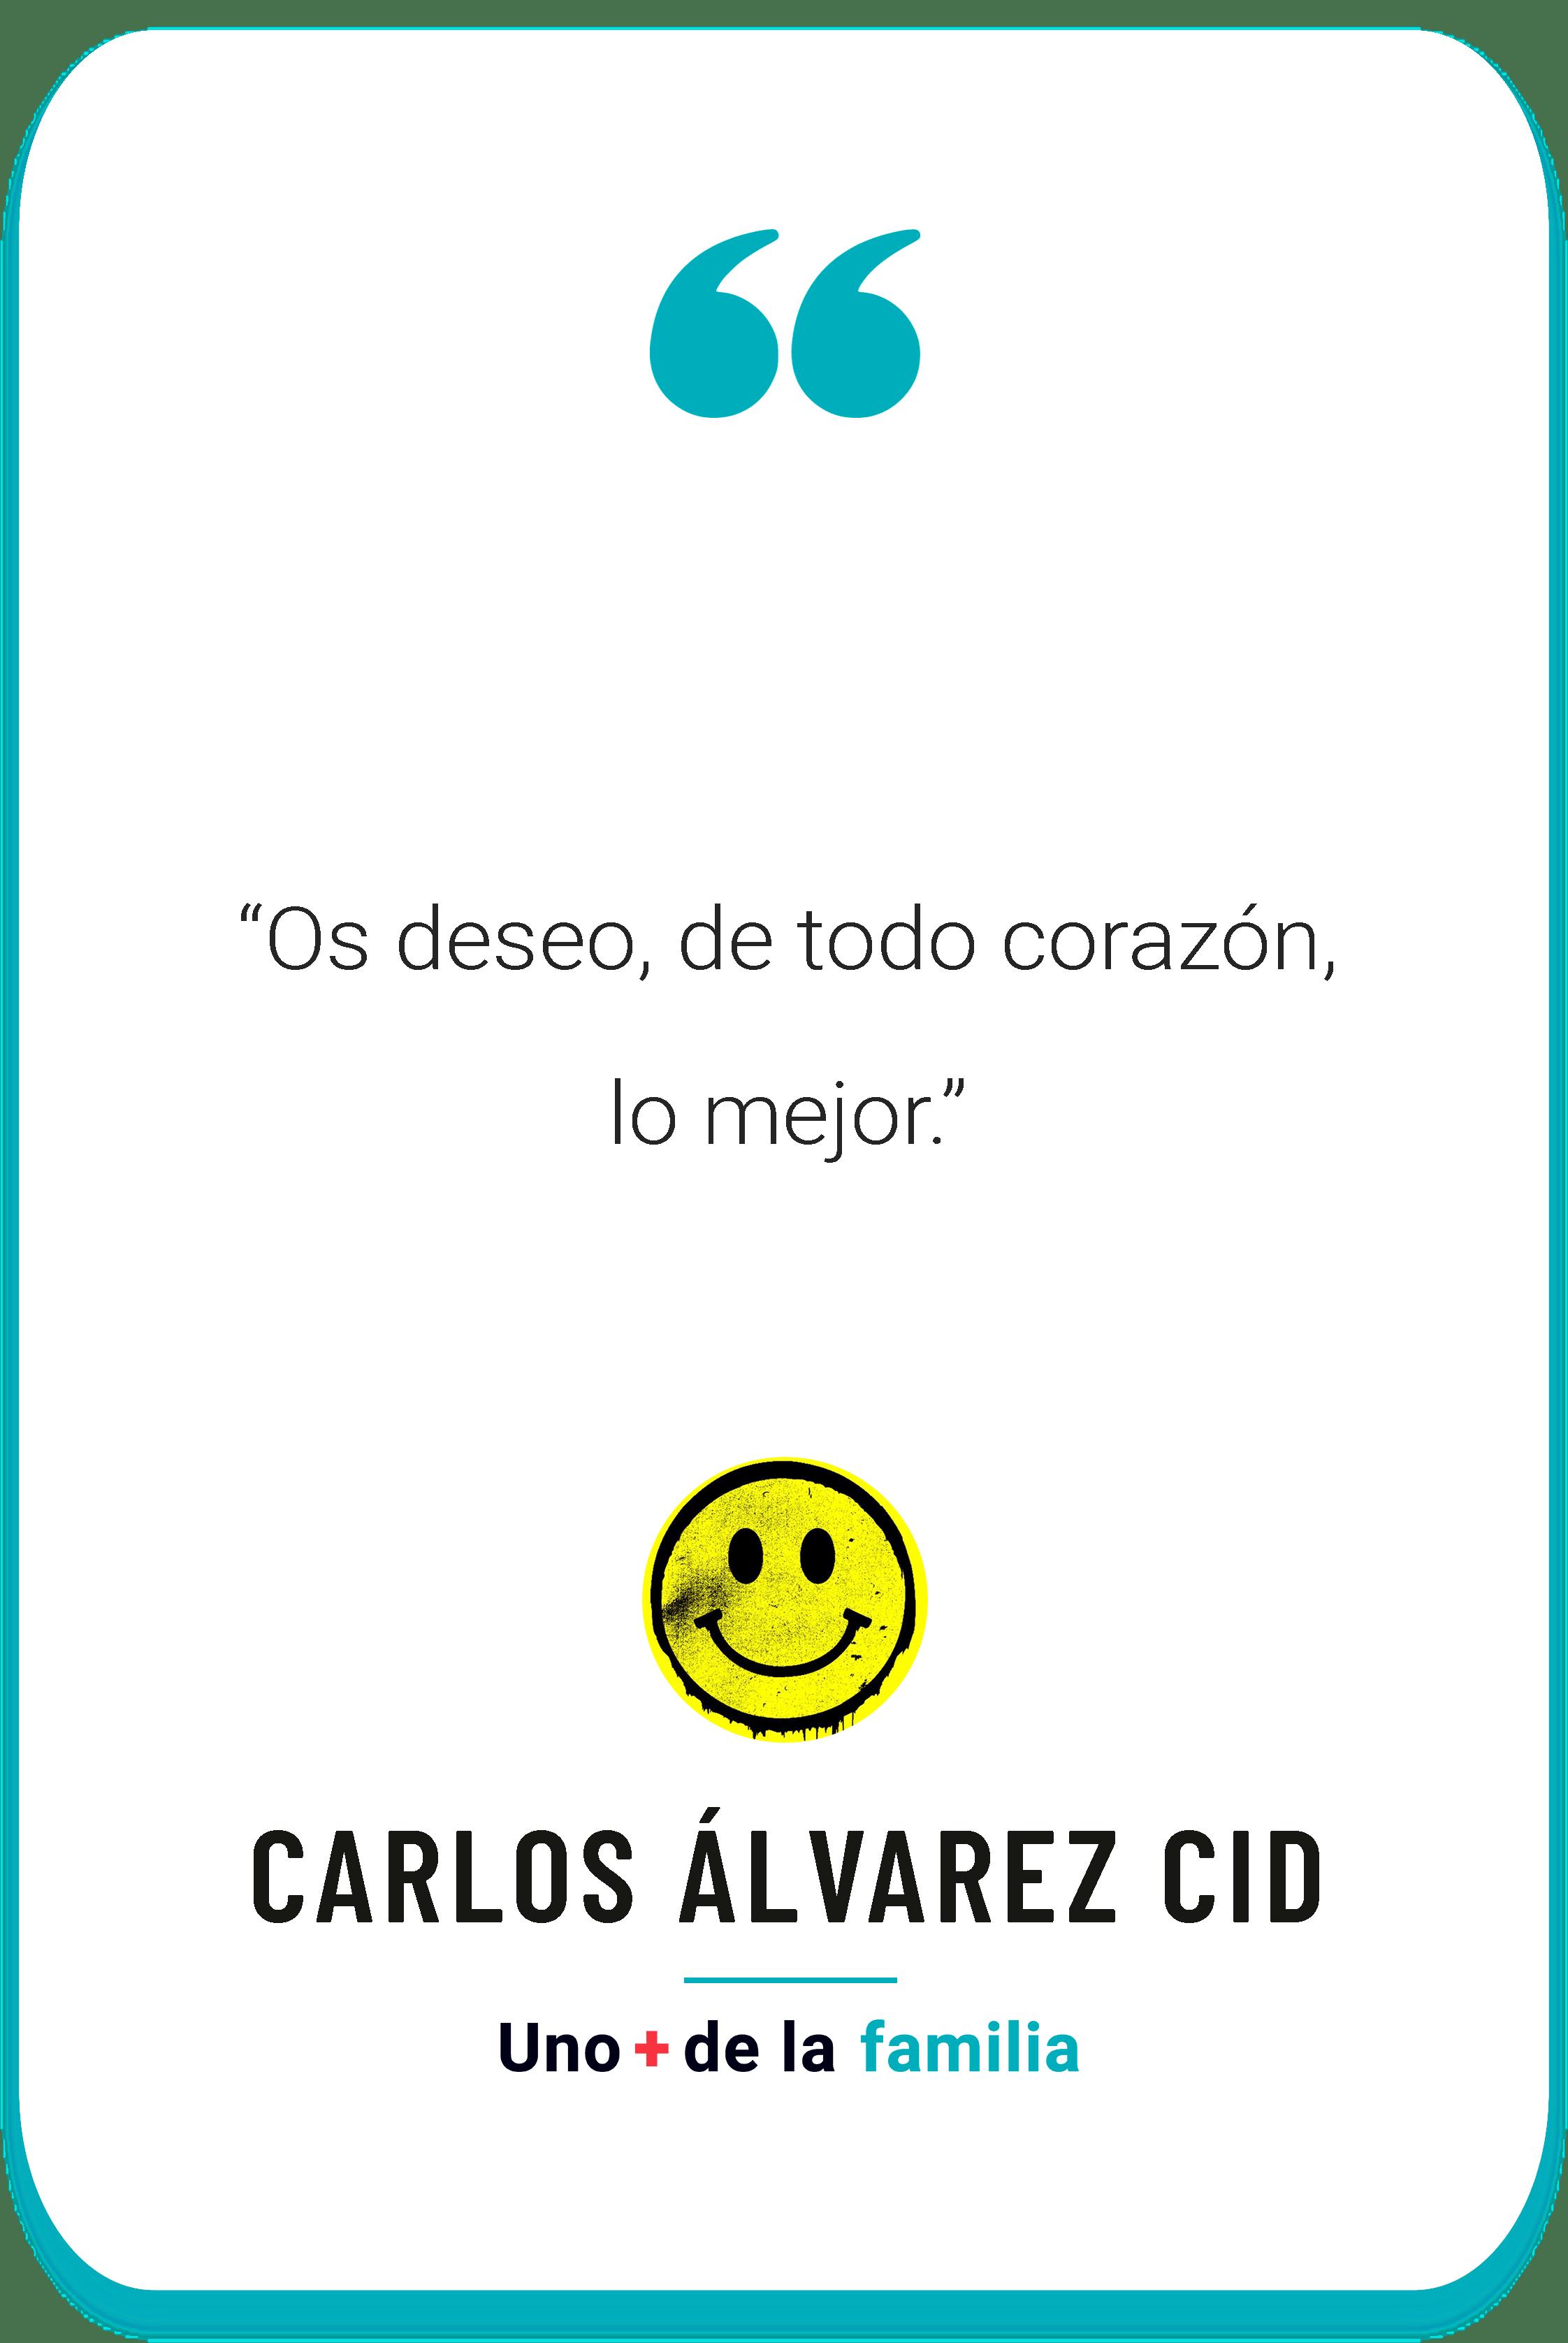 09_CARLOS ALVAREZ-min